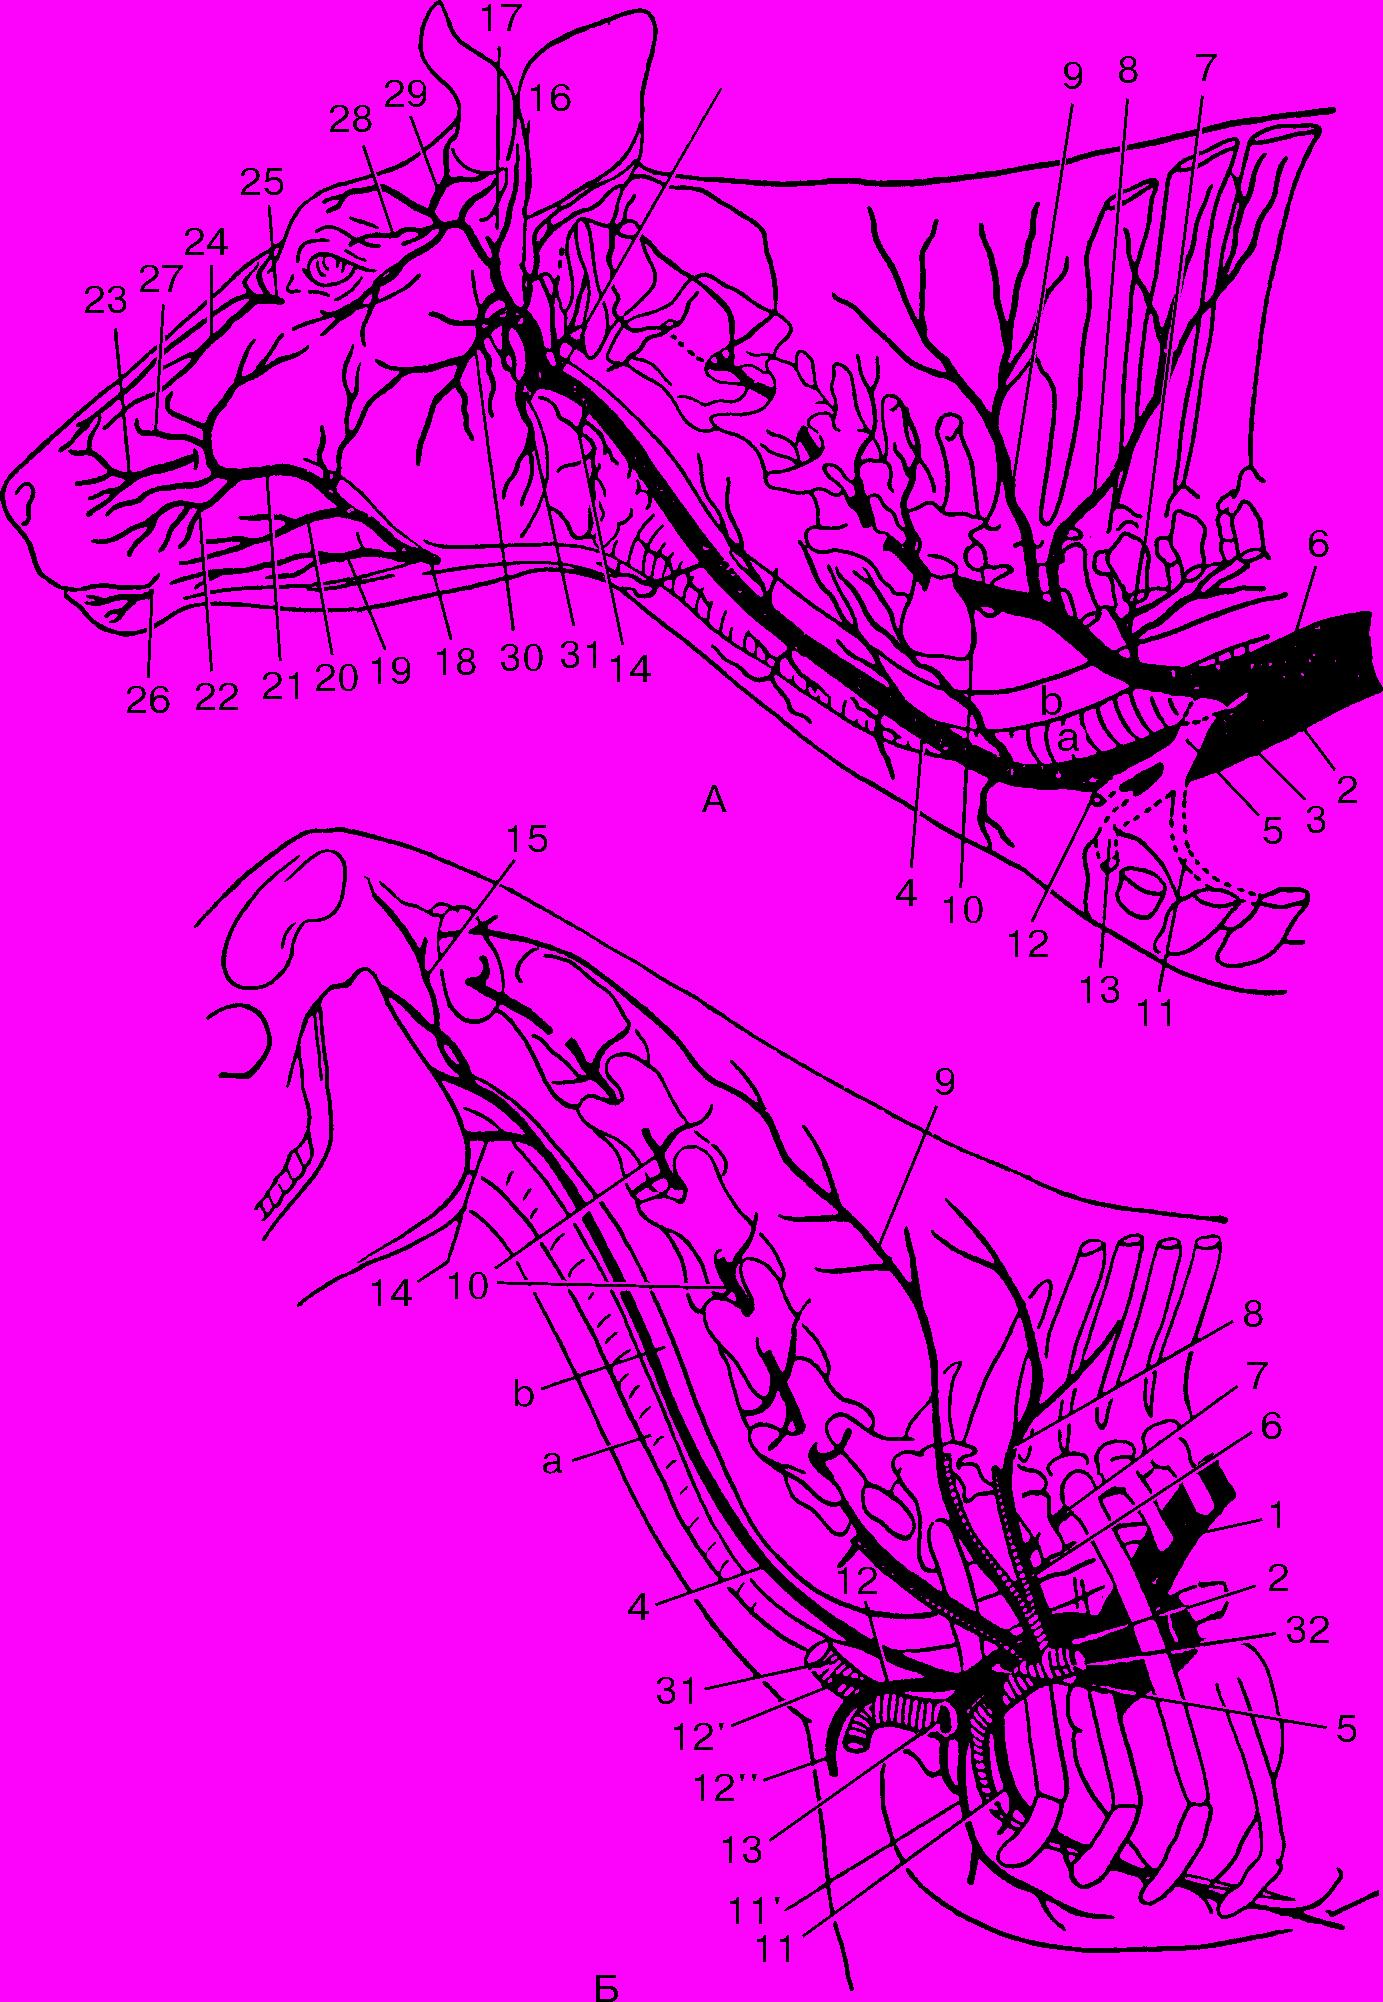 colici pe penis modul de prelungire a erecției și a actului sexual în sine